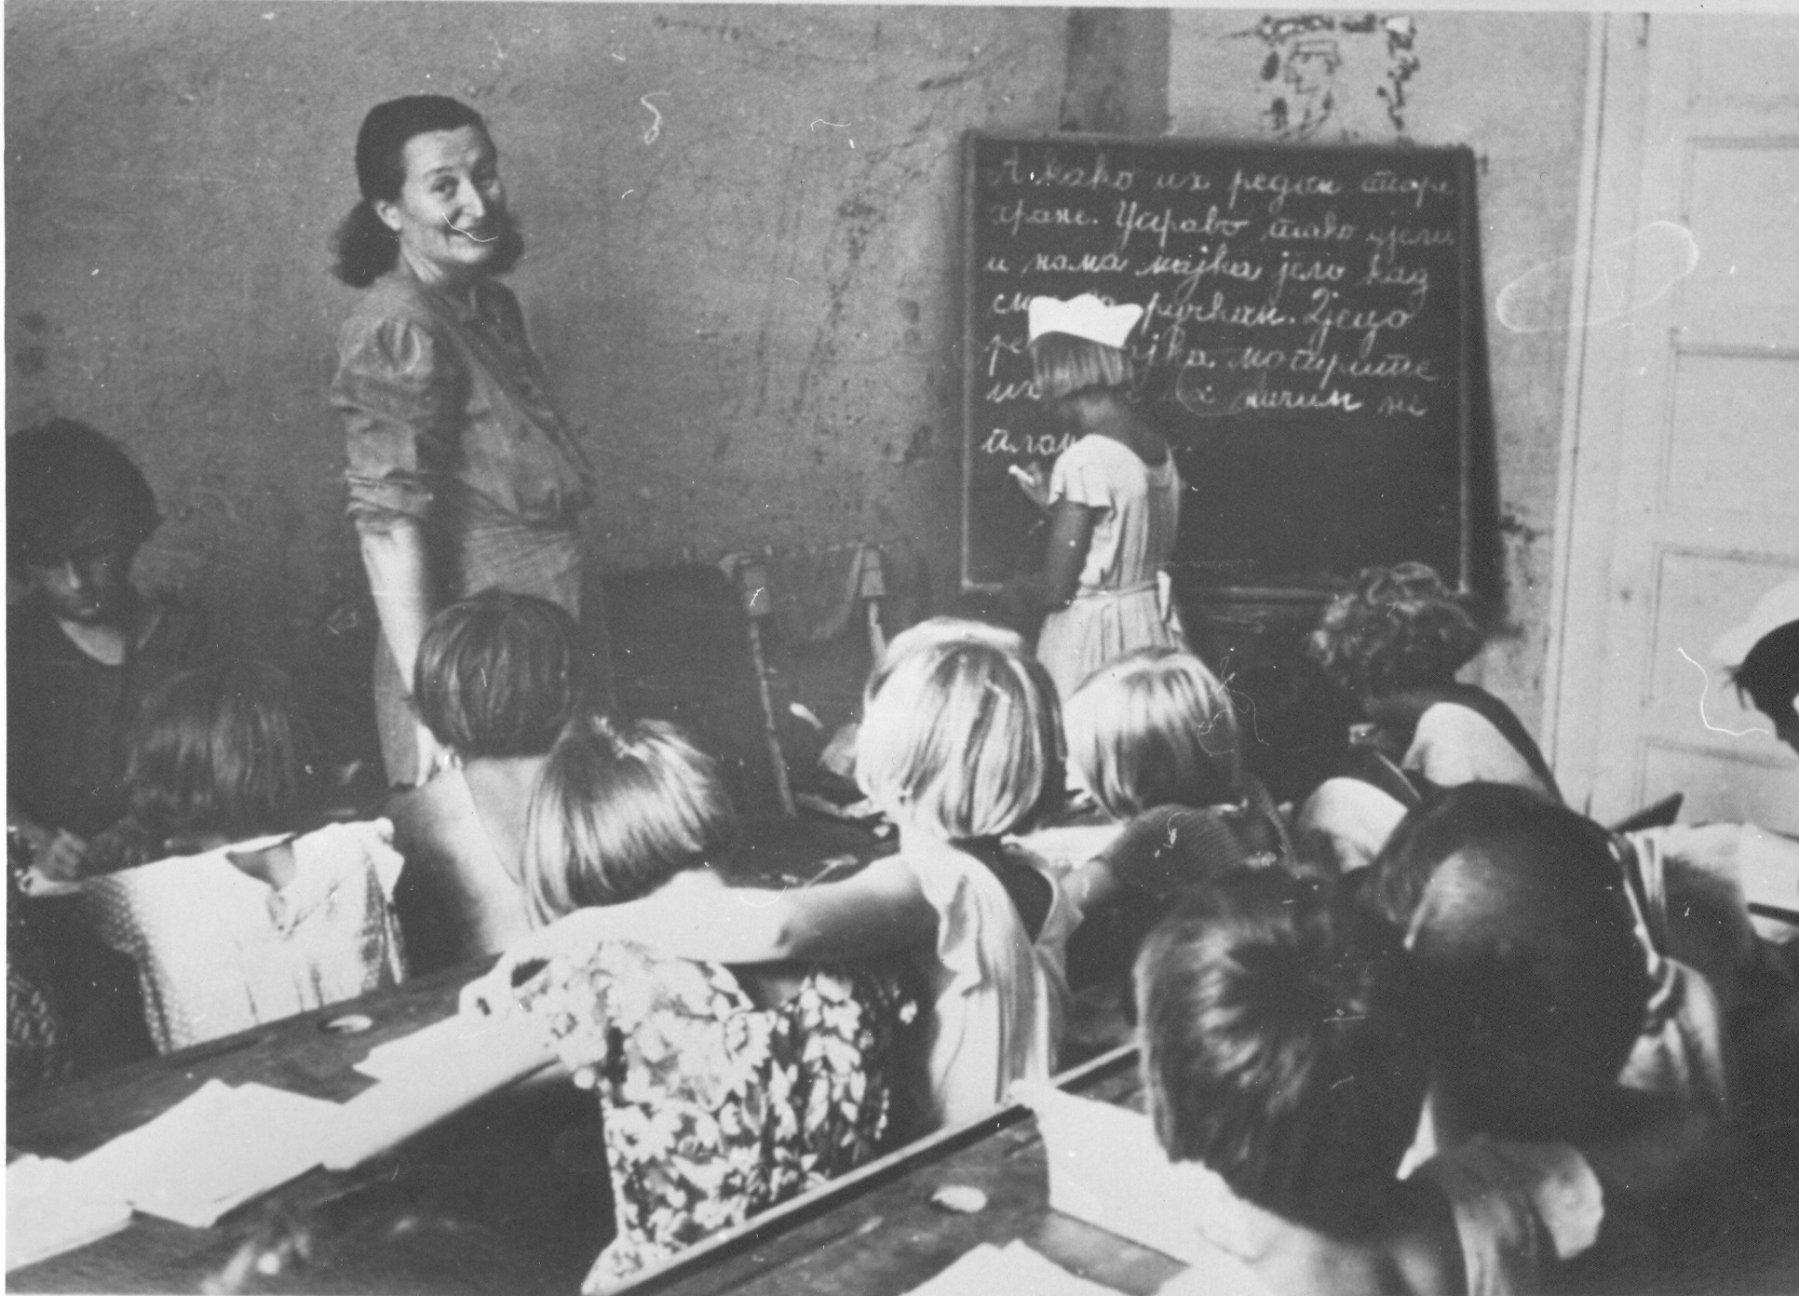 Nastava u dečijem domu u Trogiru za vreme NOB-a, izvor: znaci.net